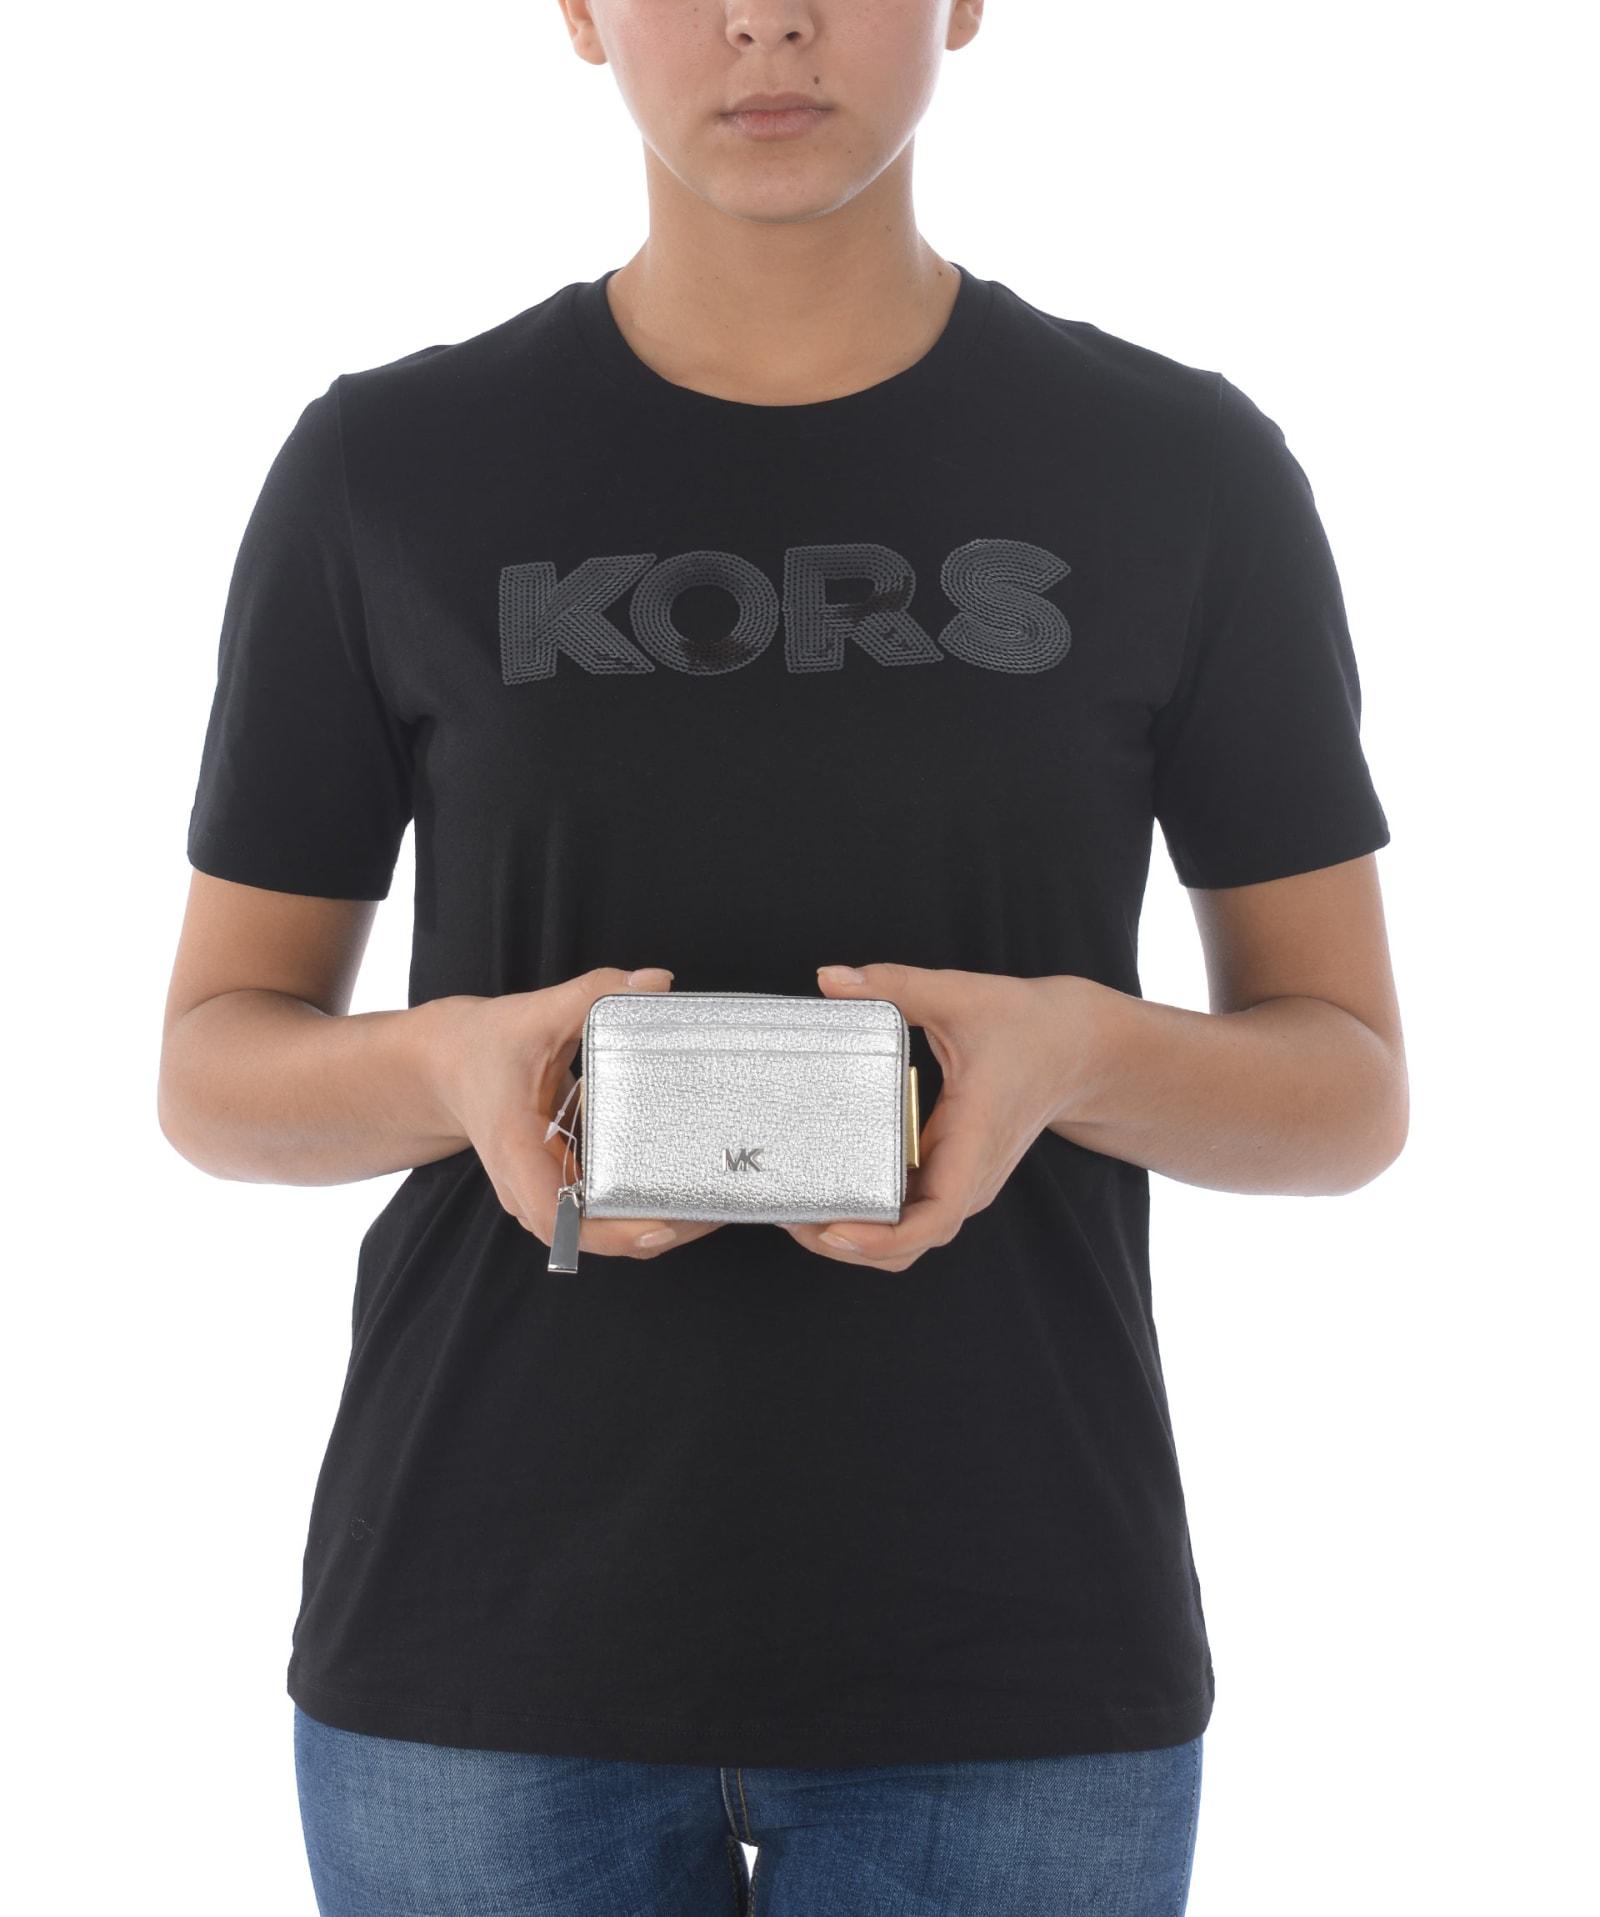 Best Authentic Michael Kors Wallet